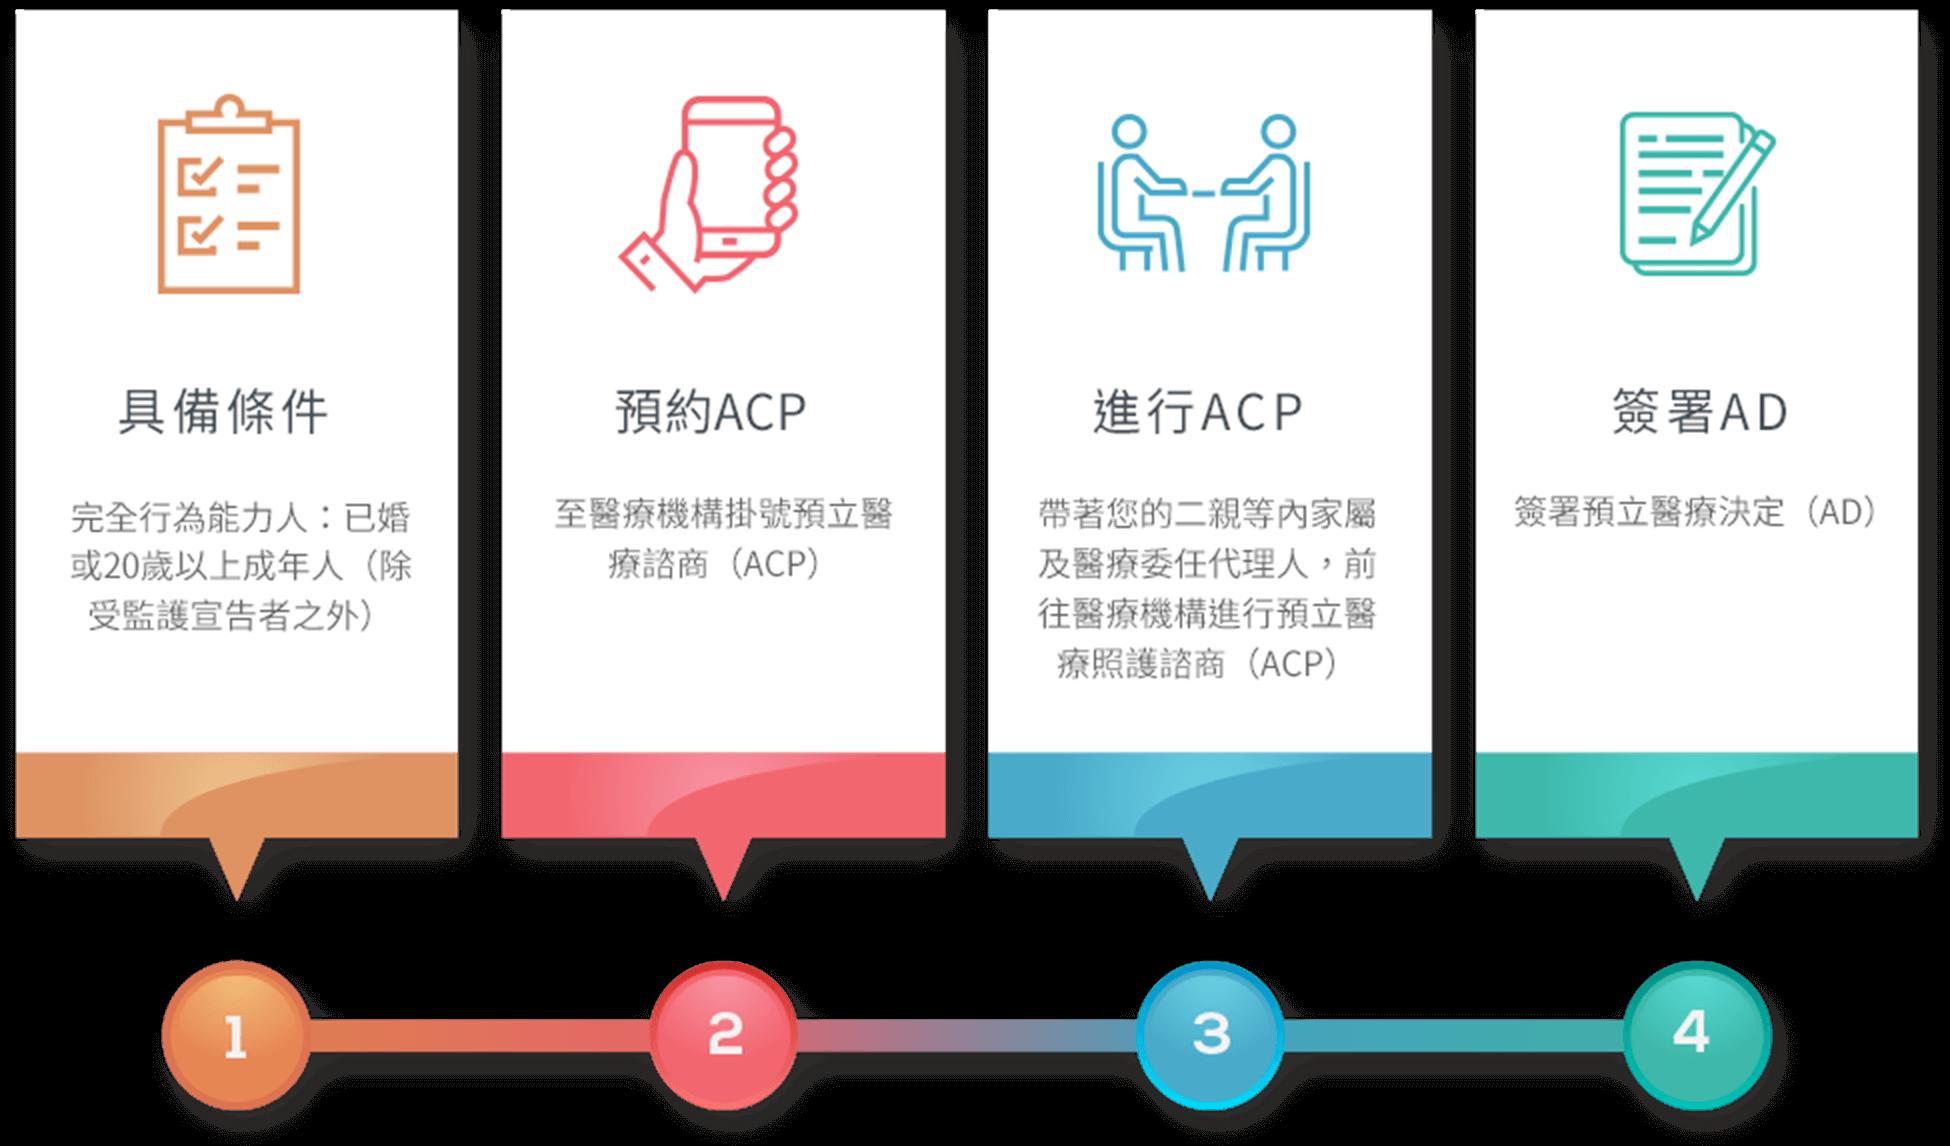 1:具備條件: 完全行為能力人: 已婚或20歲以上成年人(除受監護宣告者之外) 2:預約ACP:至醫療機構掛號預立醫療諮商(ACP) 3:進行ACP:帶著您的二親等內家屬及醫療委任代理人,前往醫療機構進行預立醫療照護諮商 4:簽屬AD:簽署預立醫療決定(AD)